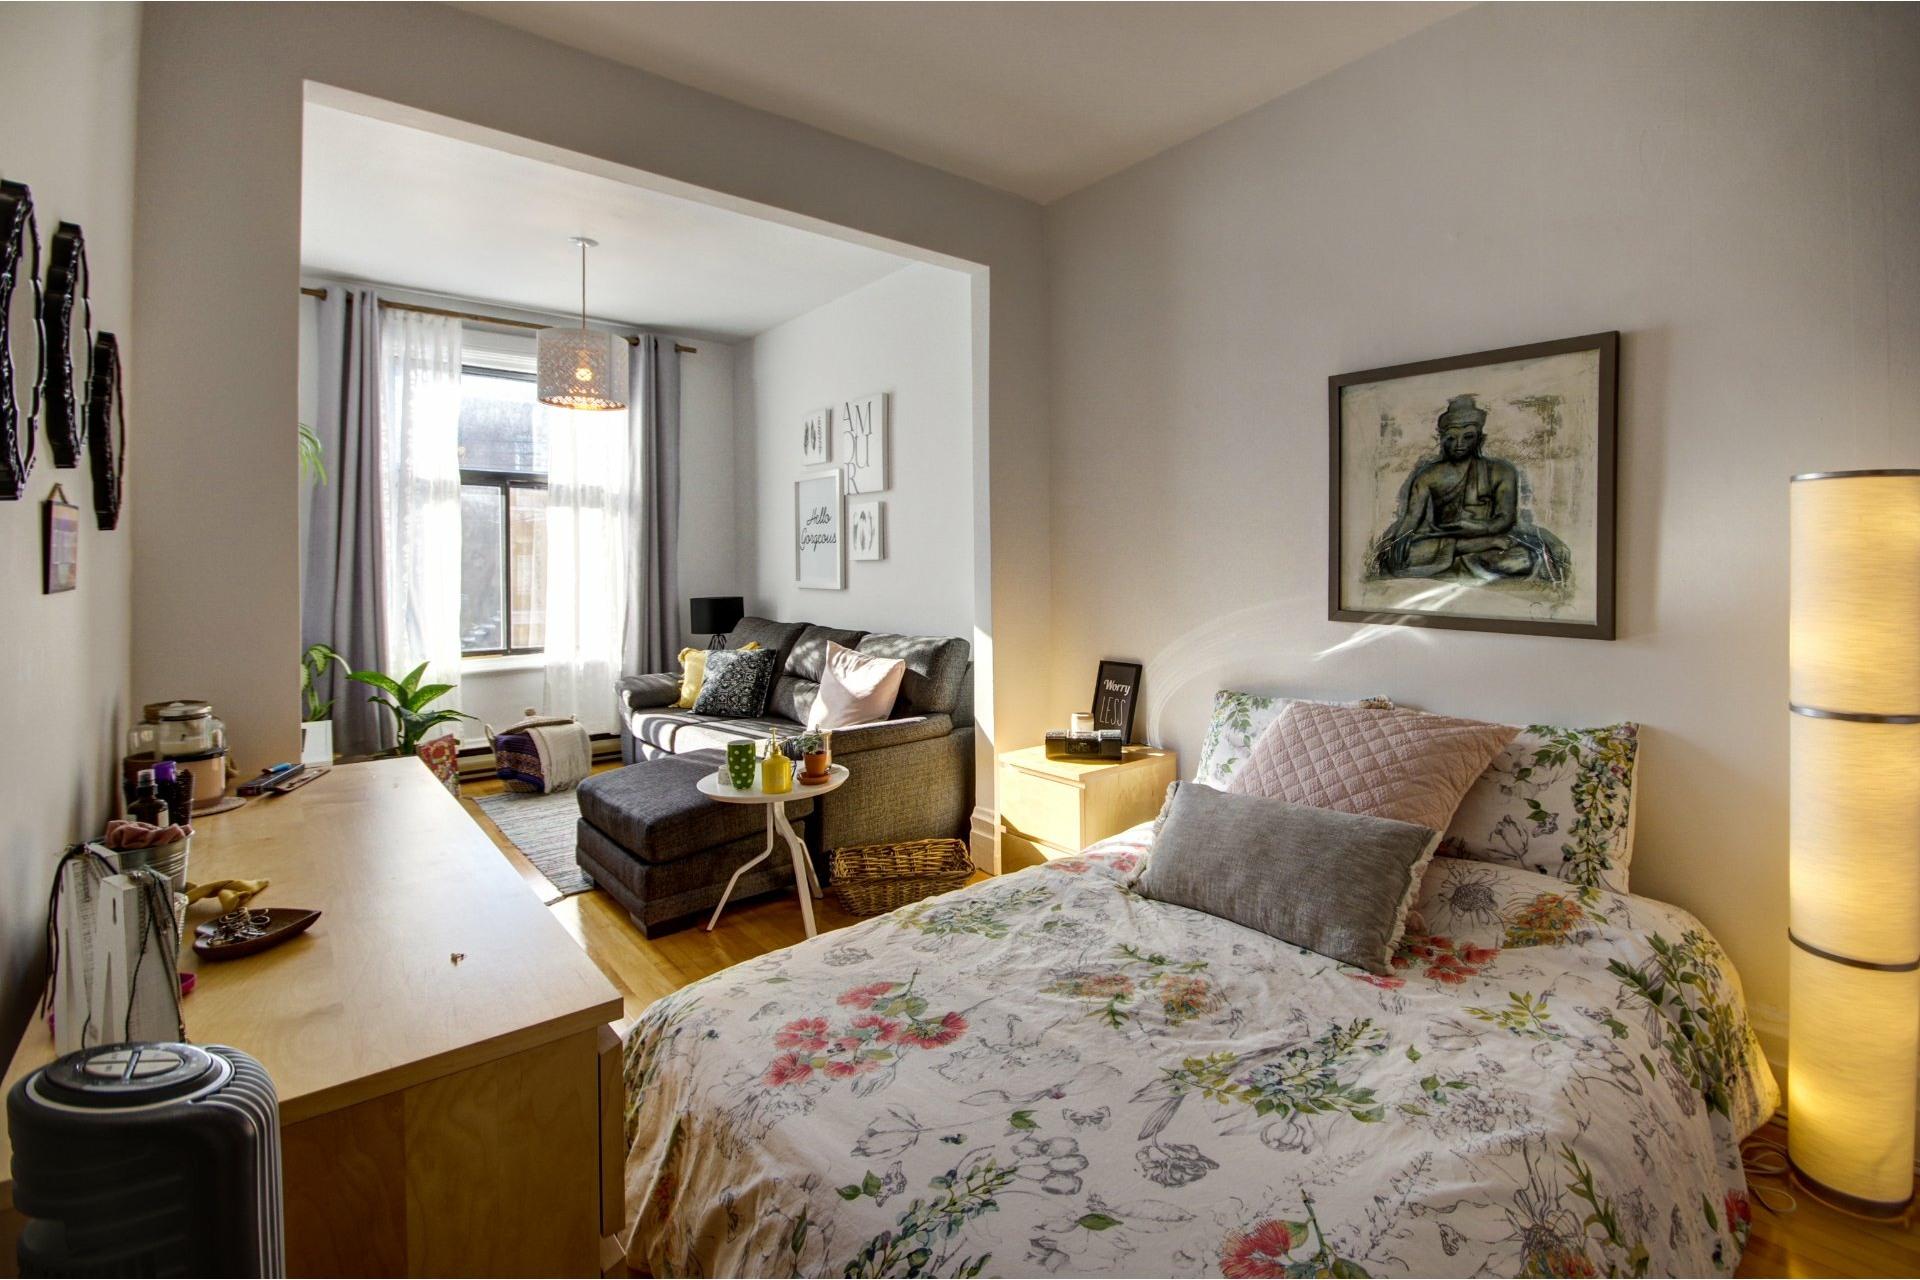 image 21 - Immeuble à revenus À vendre Montréal Le Plateau-Mont-Royal  - 5 pièces